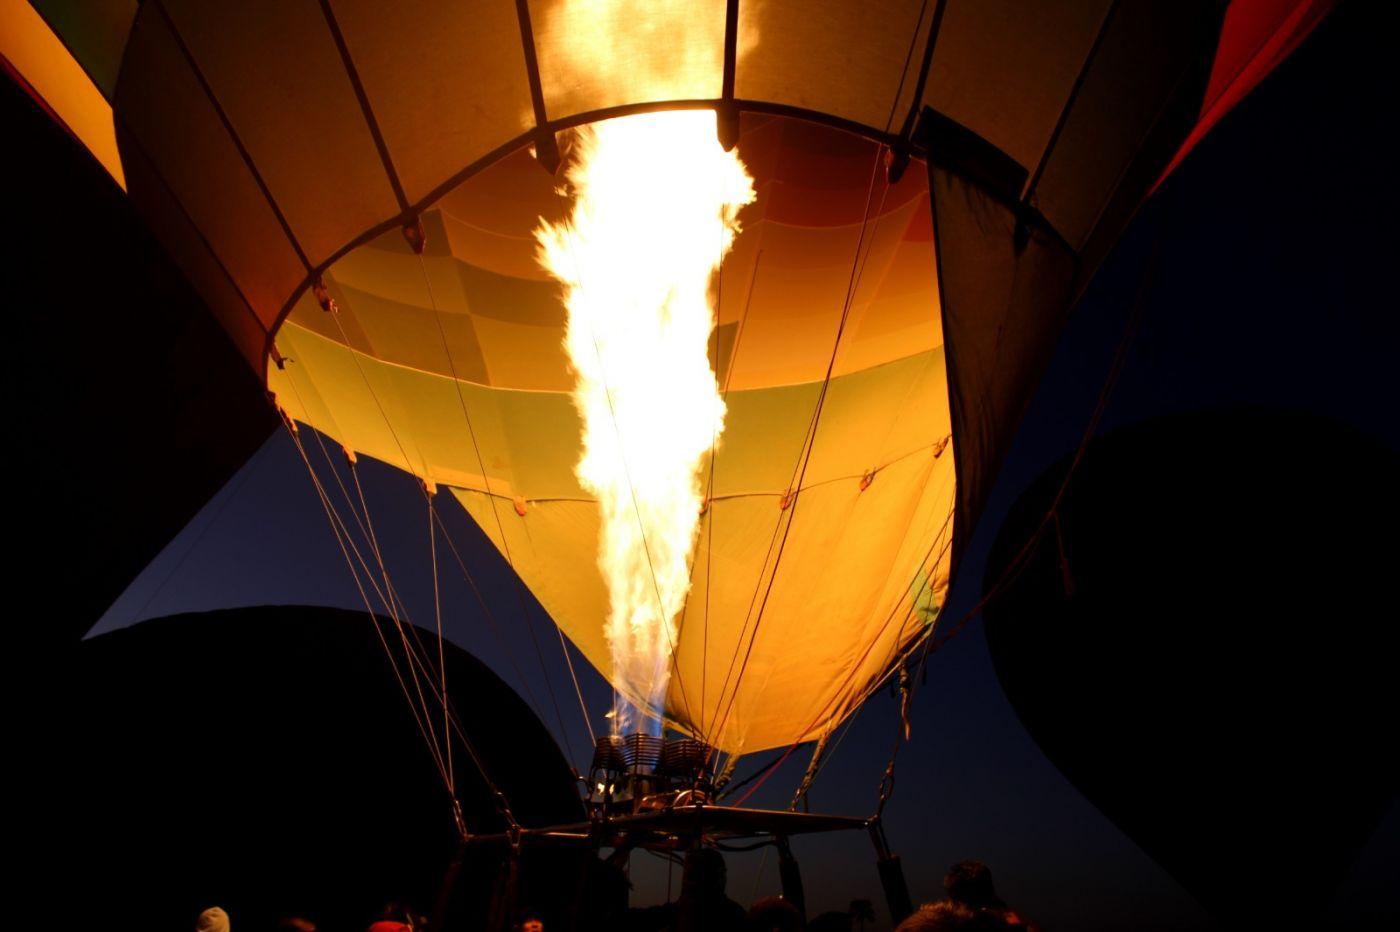 卢克索坐热气球观日出_图1-20